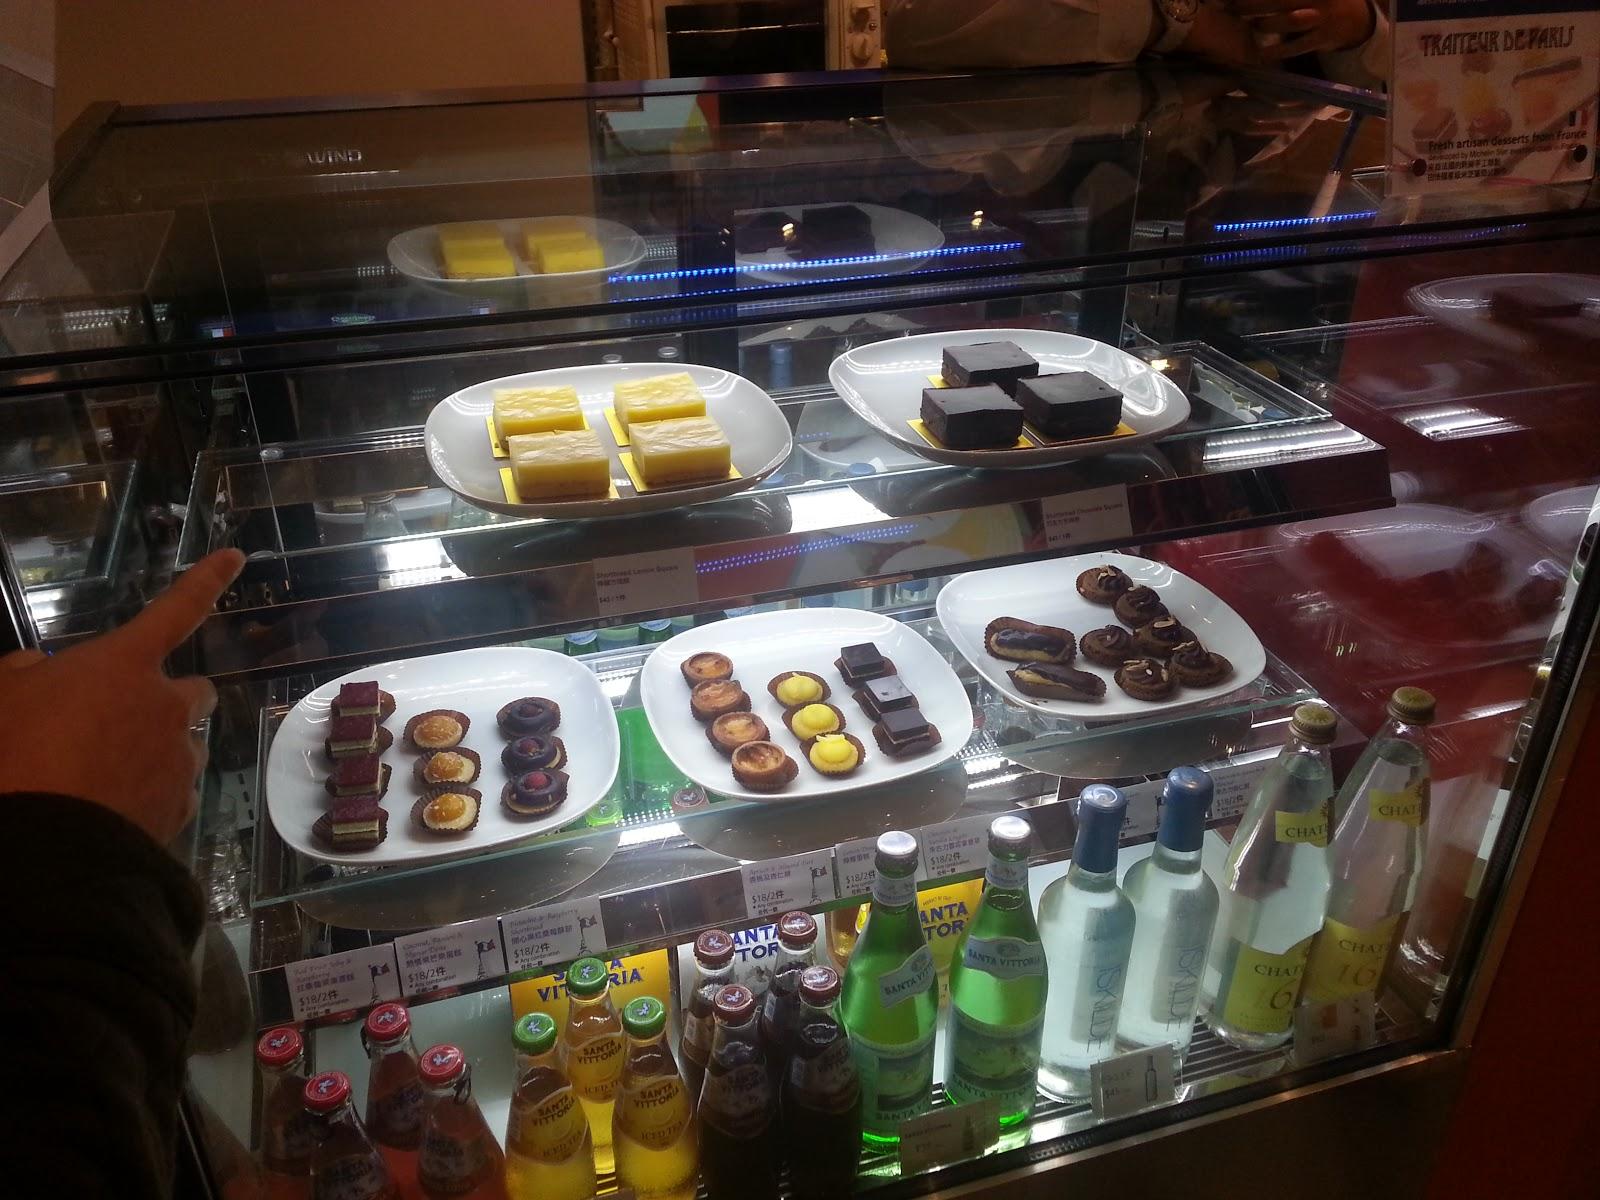 華迪爾不想上班只愛吃喝玩樂去旅行: 《香港。食》油塘大本型Kaffe'nation ﹏ 咖啡小角落